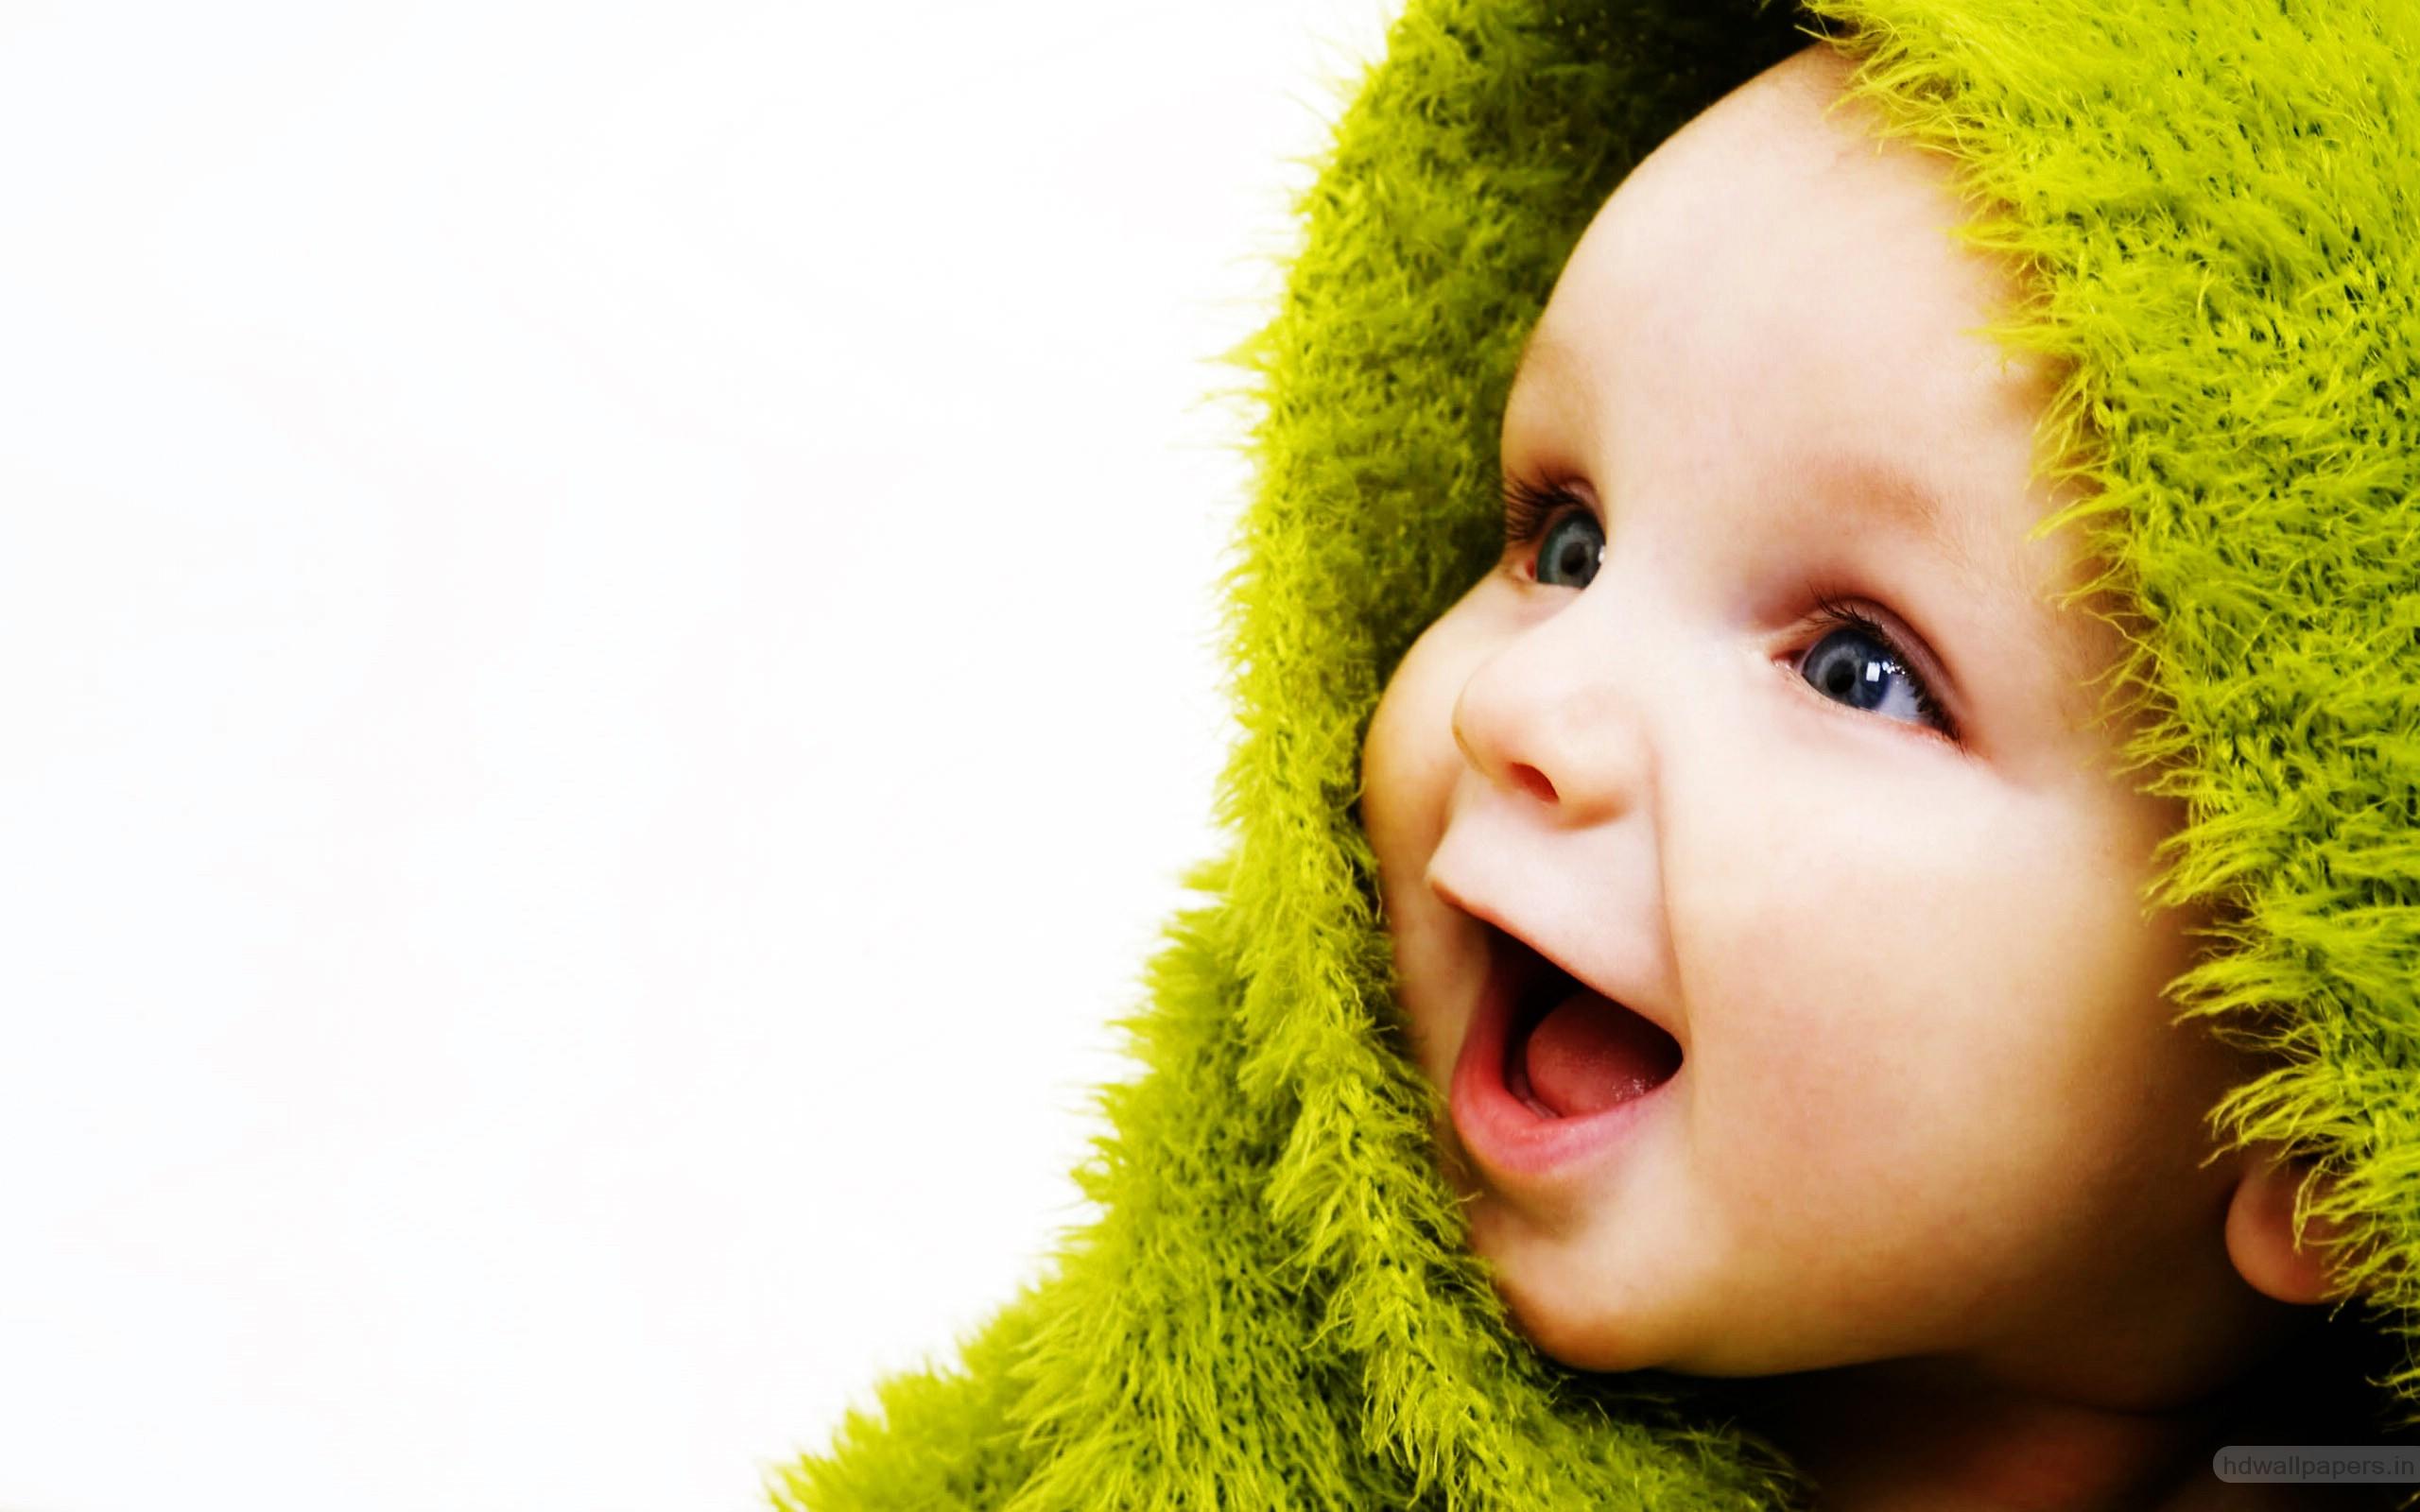 little_cute_baby-wide